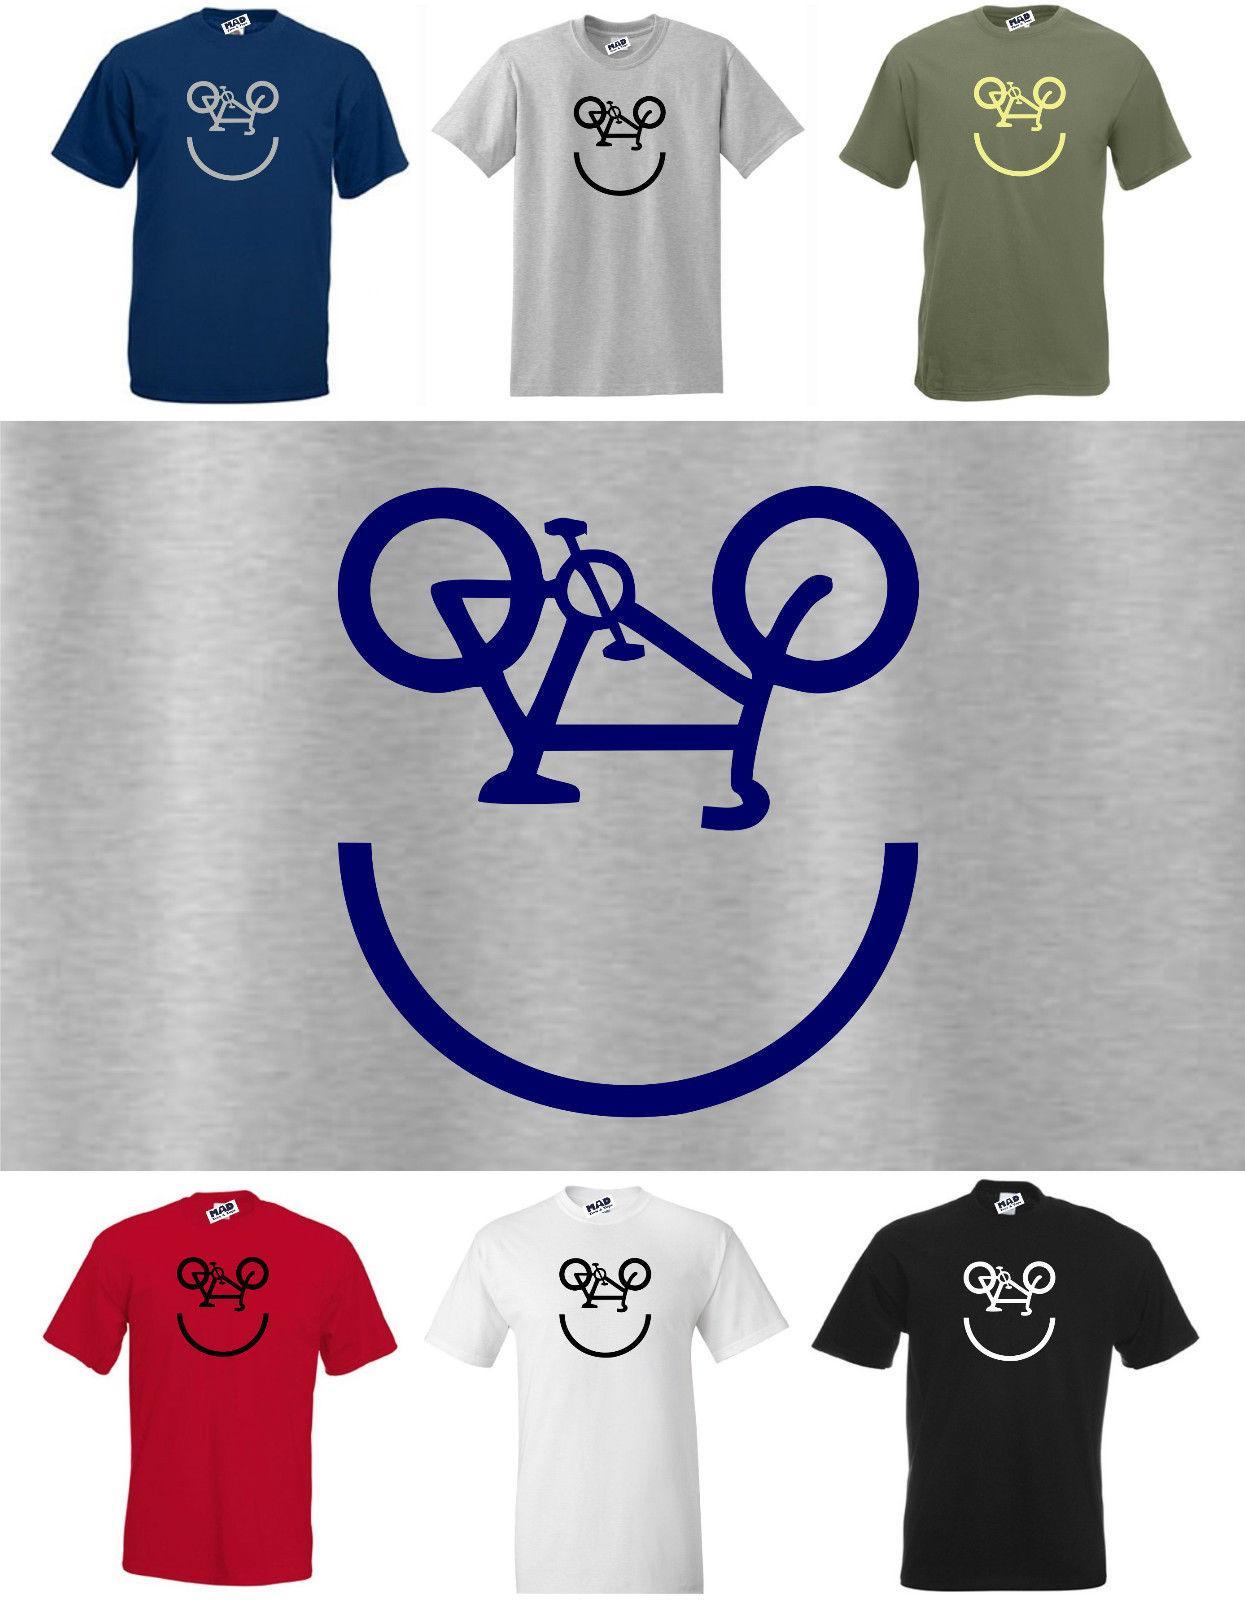 2019 nuevas del verano camiseta fresca Nueva divertido cyclings camiseta de la cara, las bicis / de bicicletas camisetas Camiseta de algodón